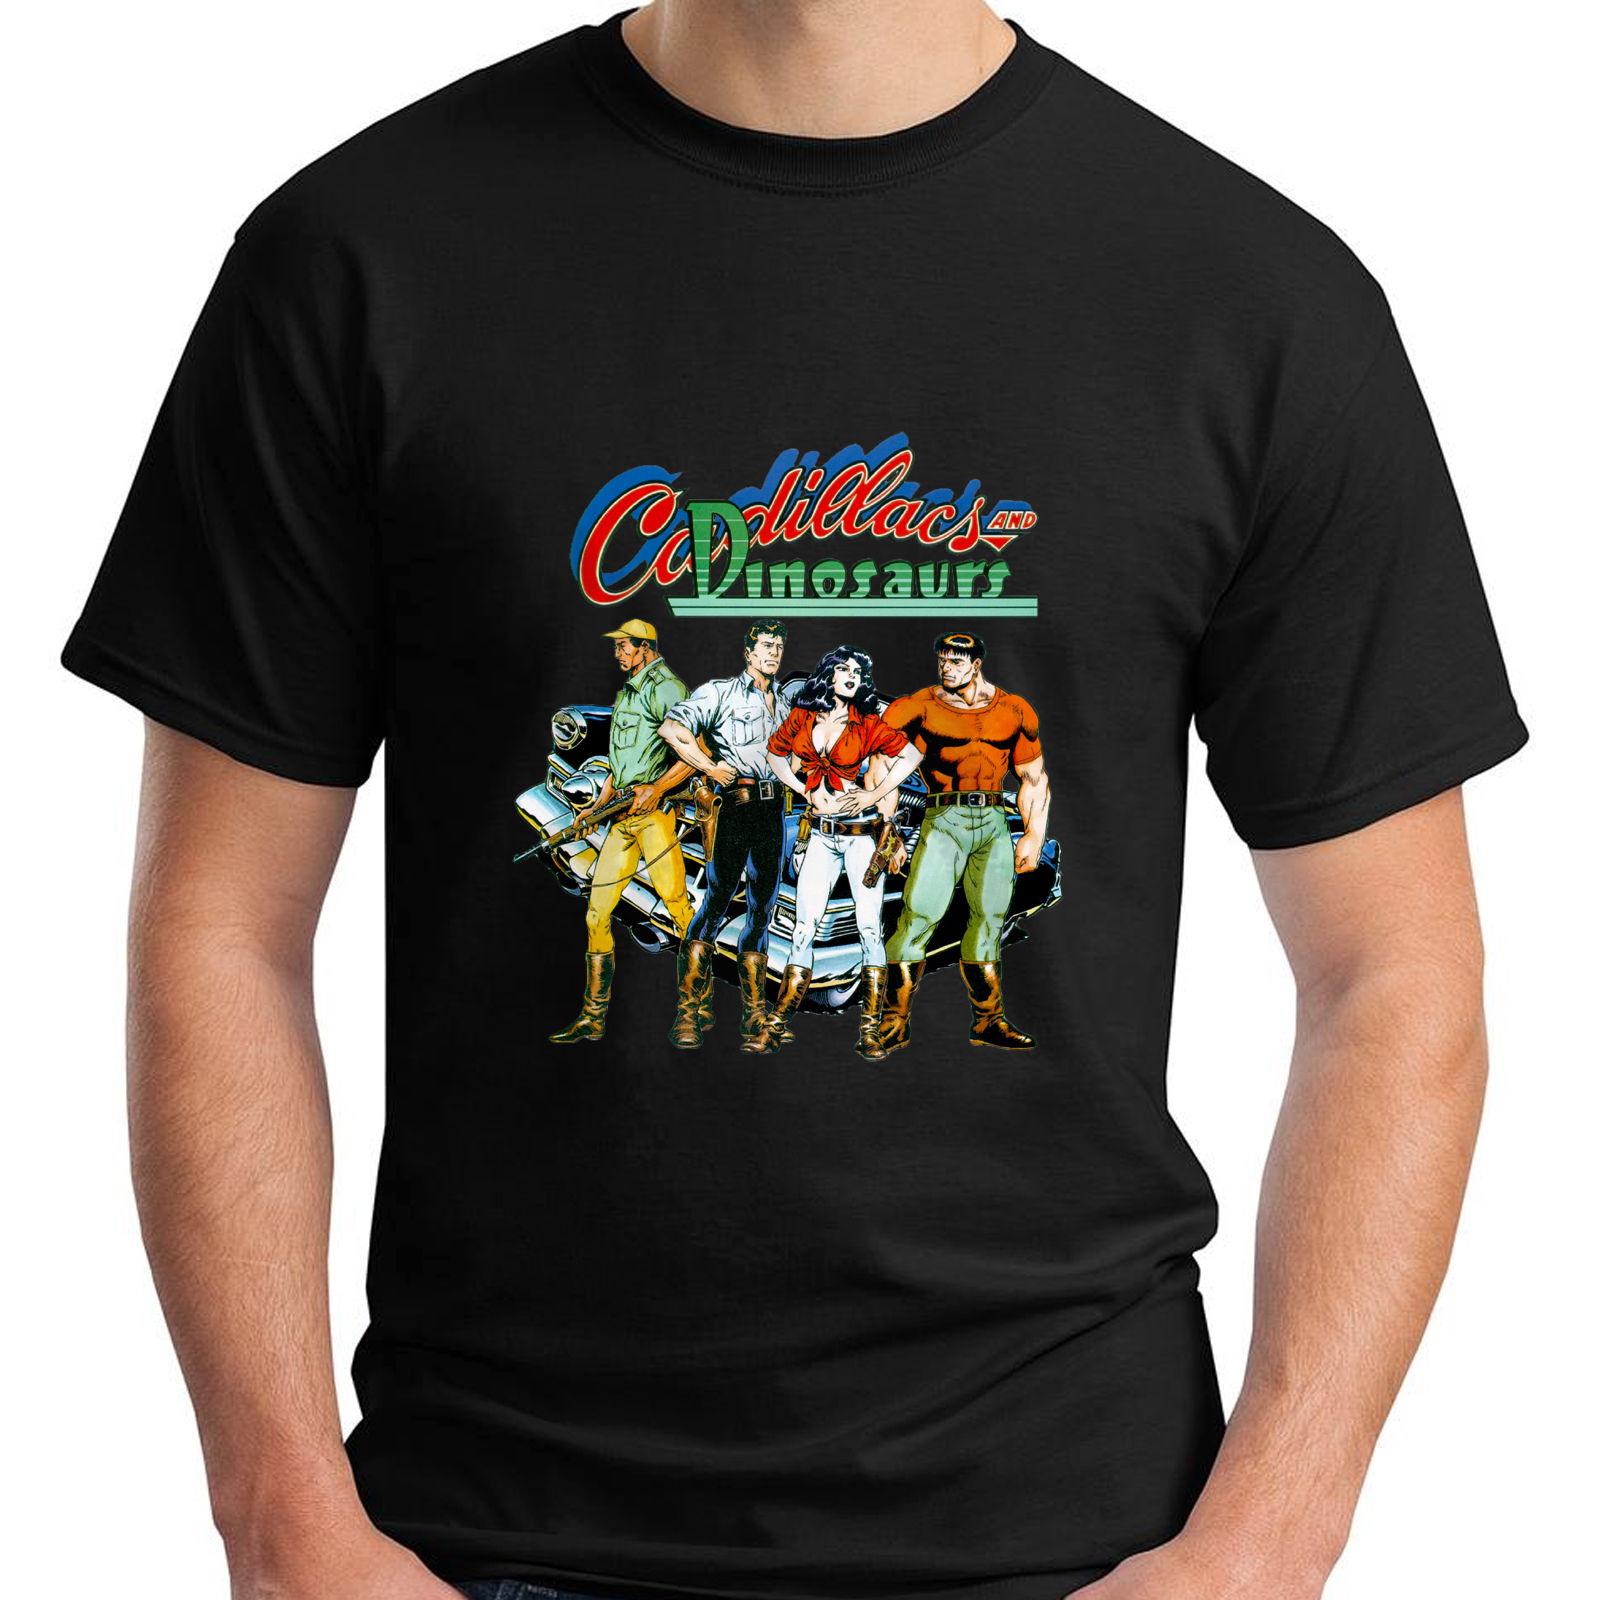 Cadillac и динозавр Ретро видео игры короткий рукав черный Для мужчин футболка брендовая хлопковая Для мужчин Костюмы мужской Slim Fit футболки